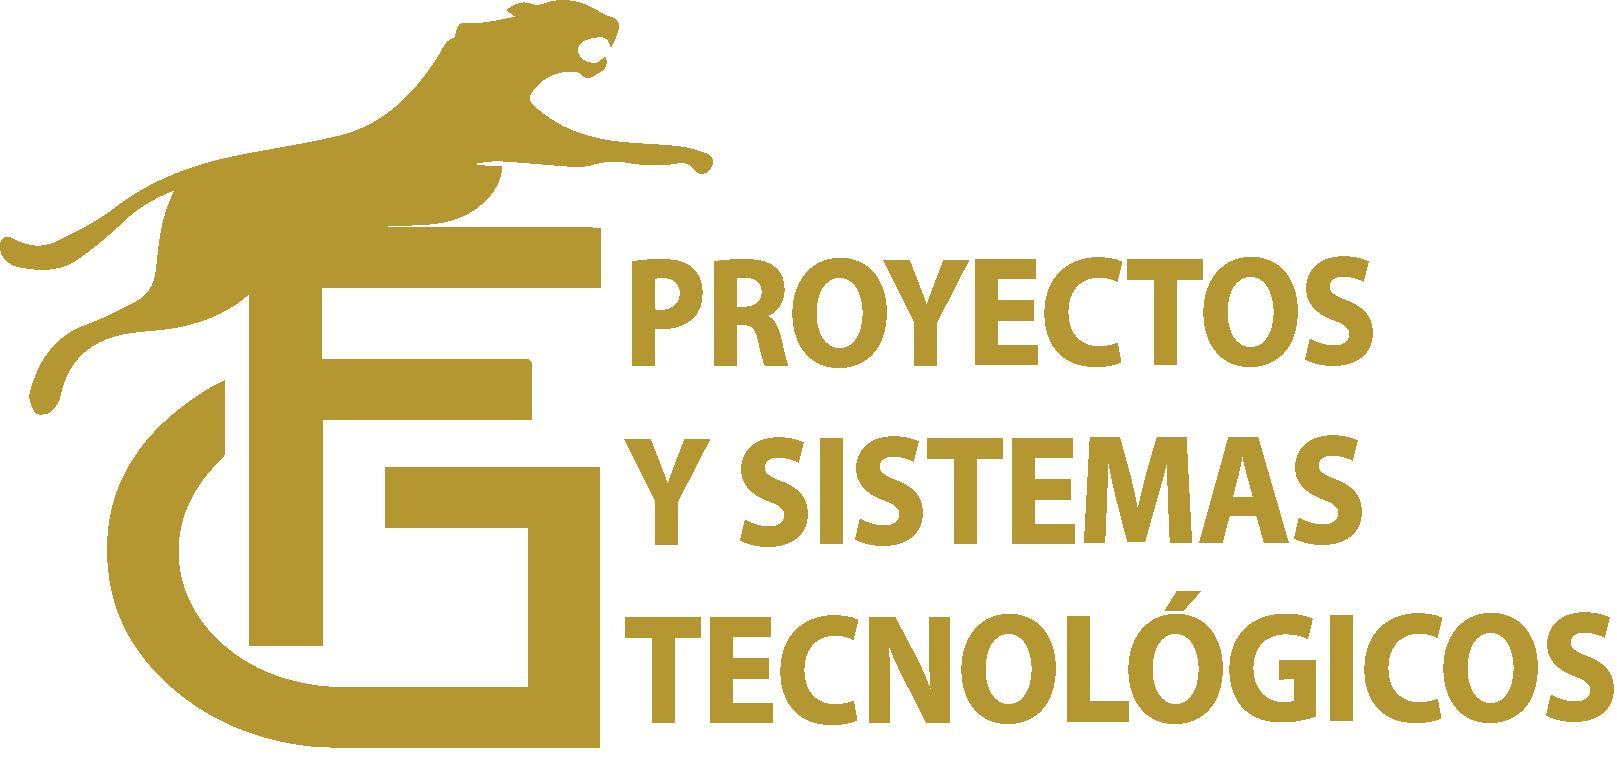 FG GRUPO TECNOLOGICO